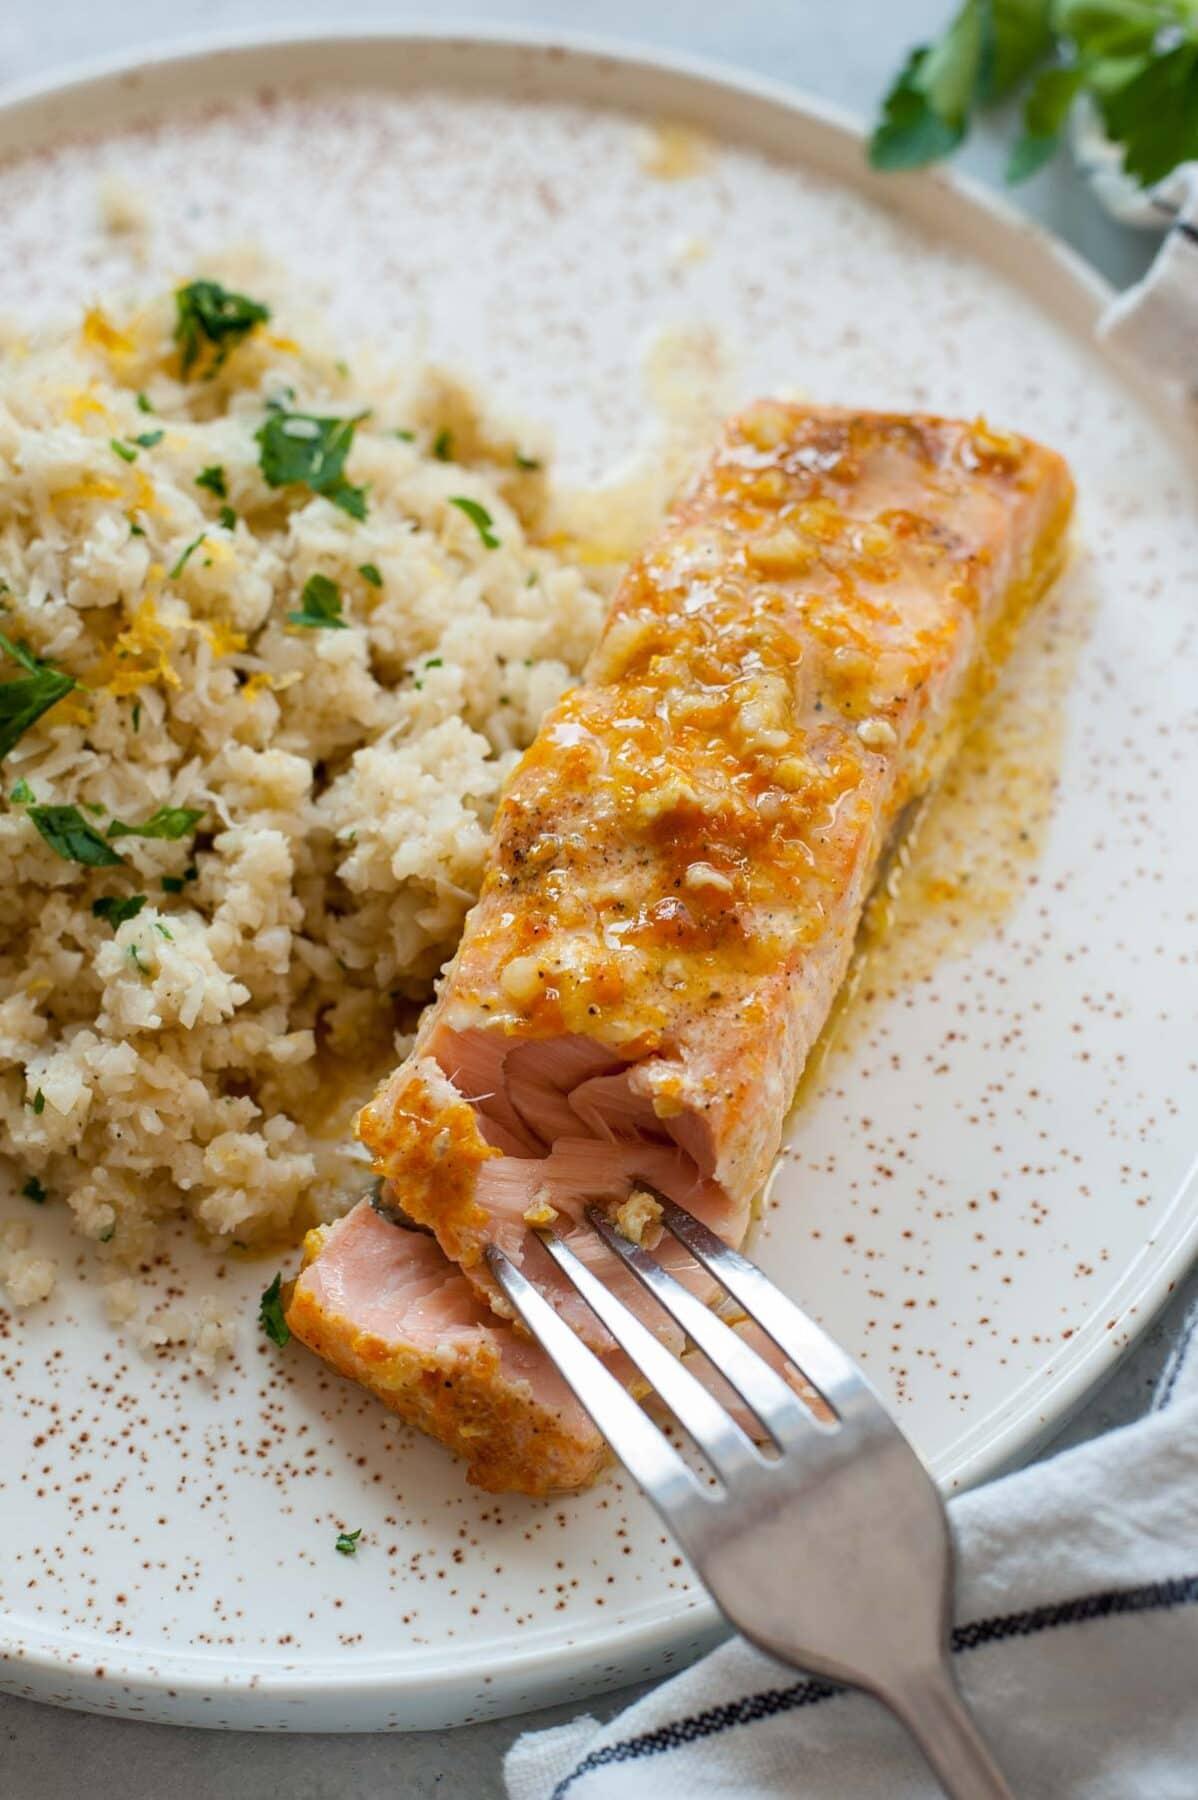 Filety z łososia w sosie pomarańczowym podane z ryżem z kalafiora na białym talerzu.